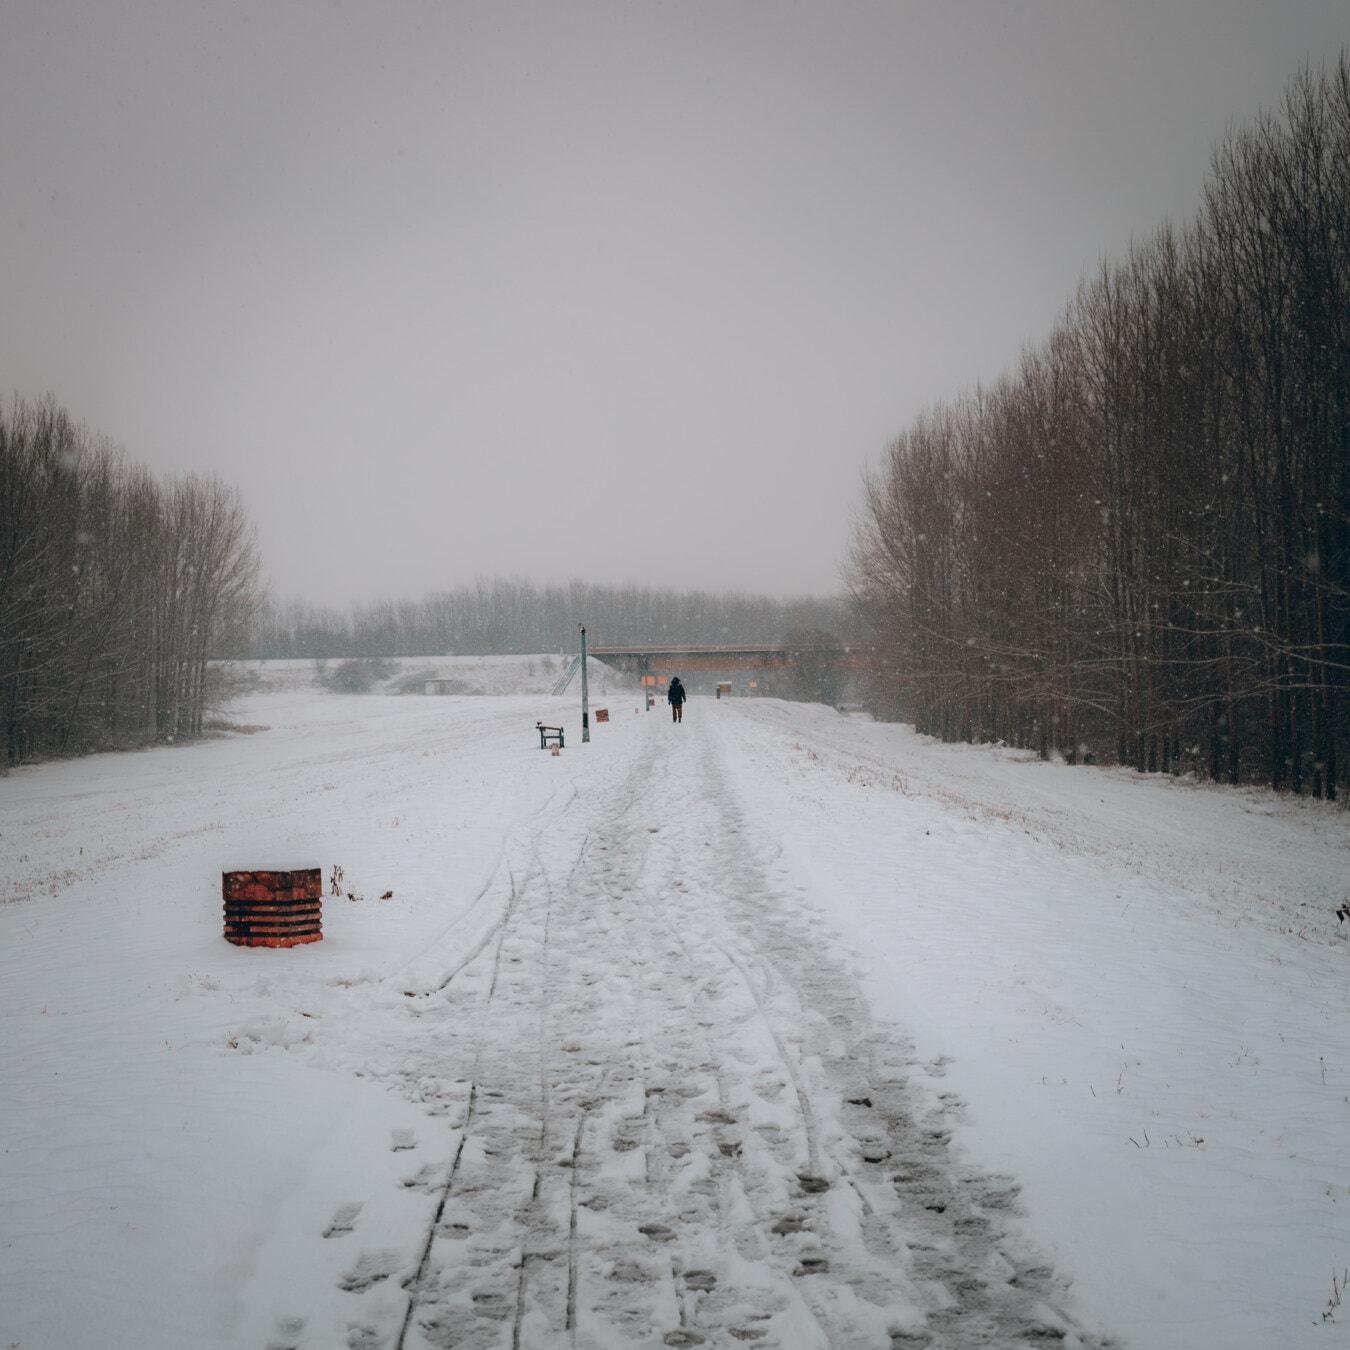 Fußspuren, Schnee, Schritt, Fuß, Person, Straße, Winter, Schneesturm, gefroren, Nebel